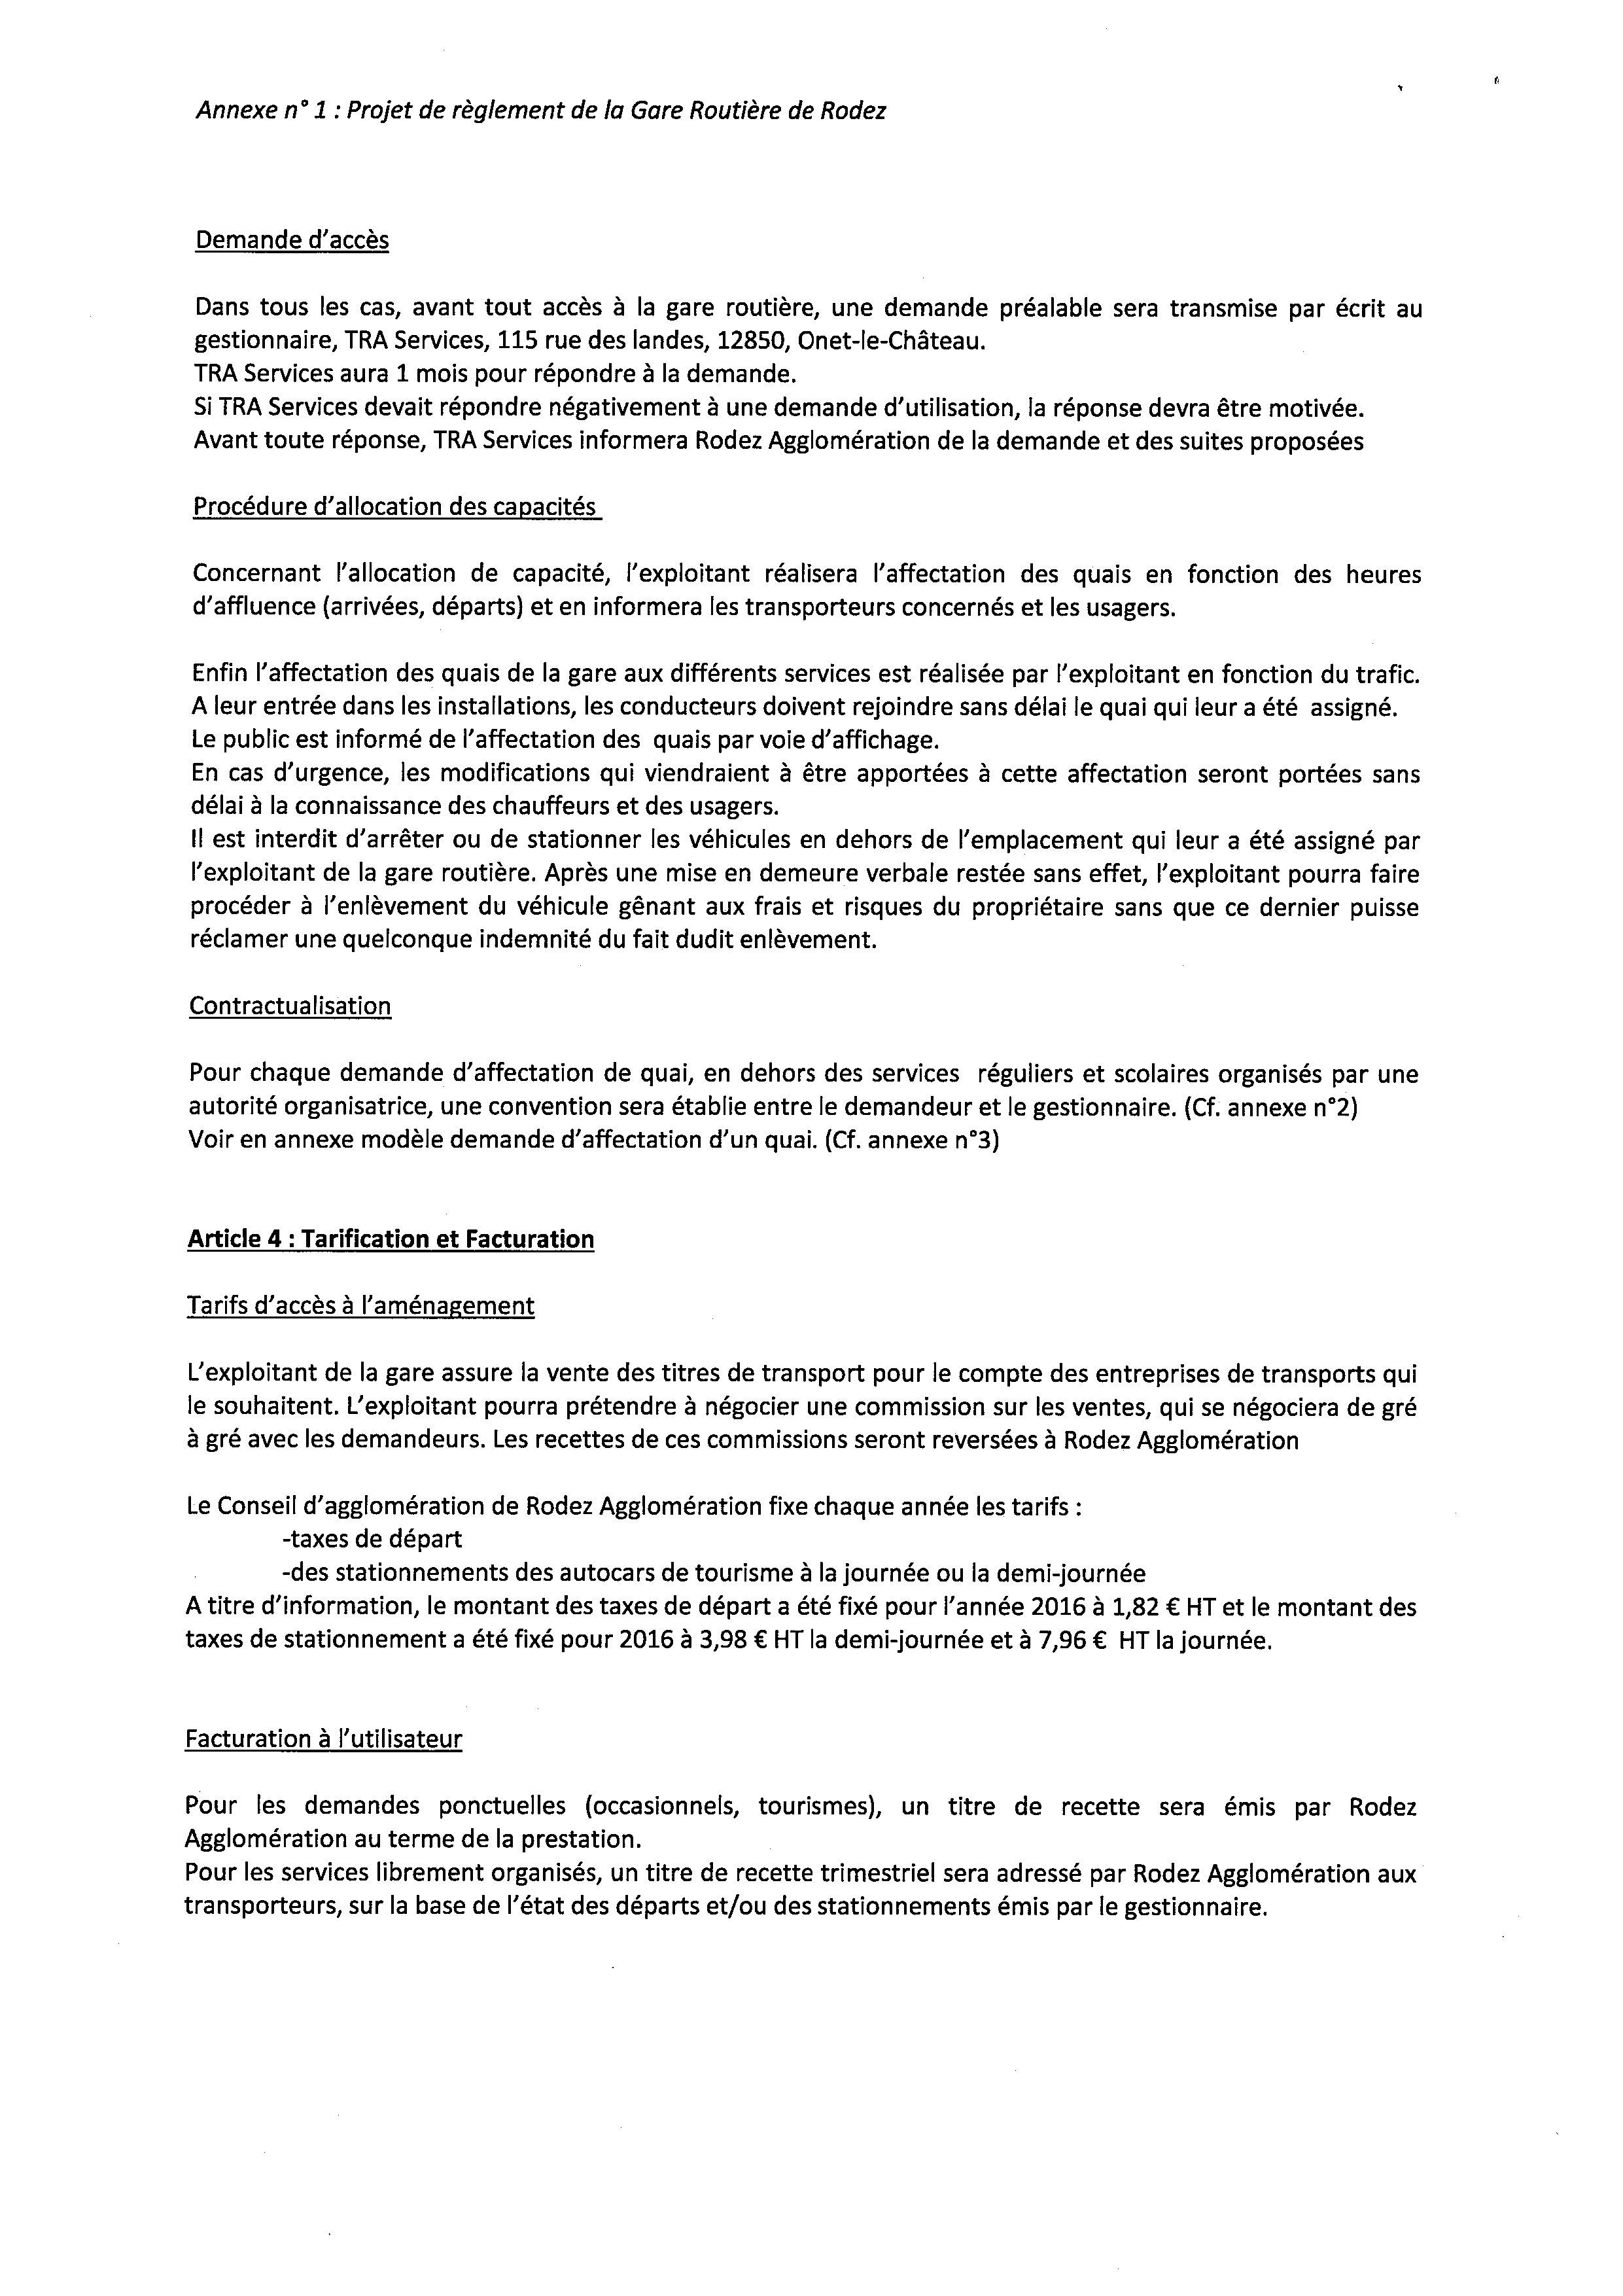 réglement-exploitation-GR-Rodez-p4